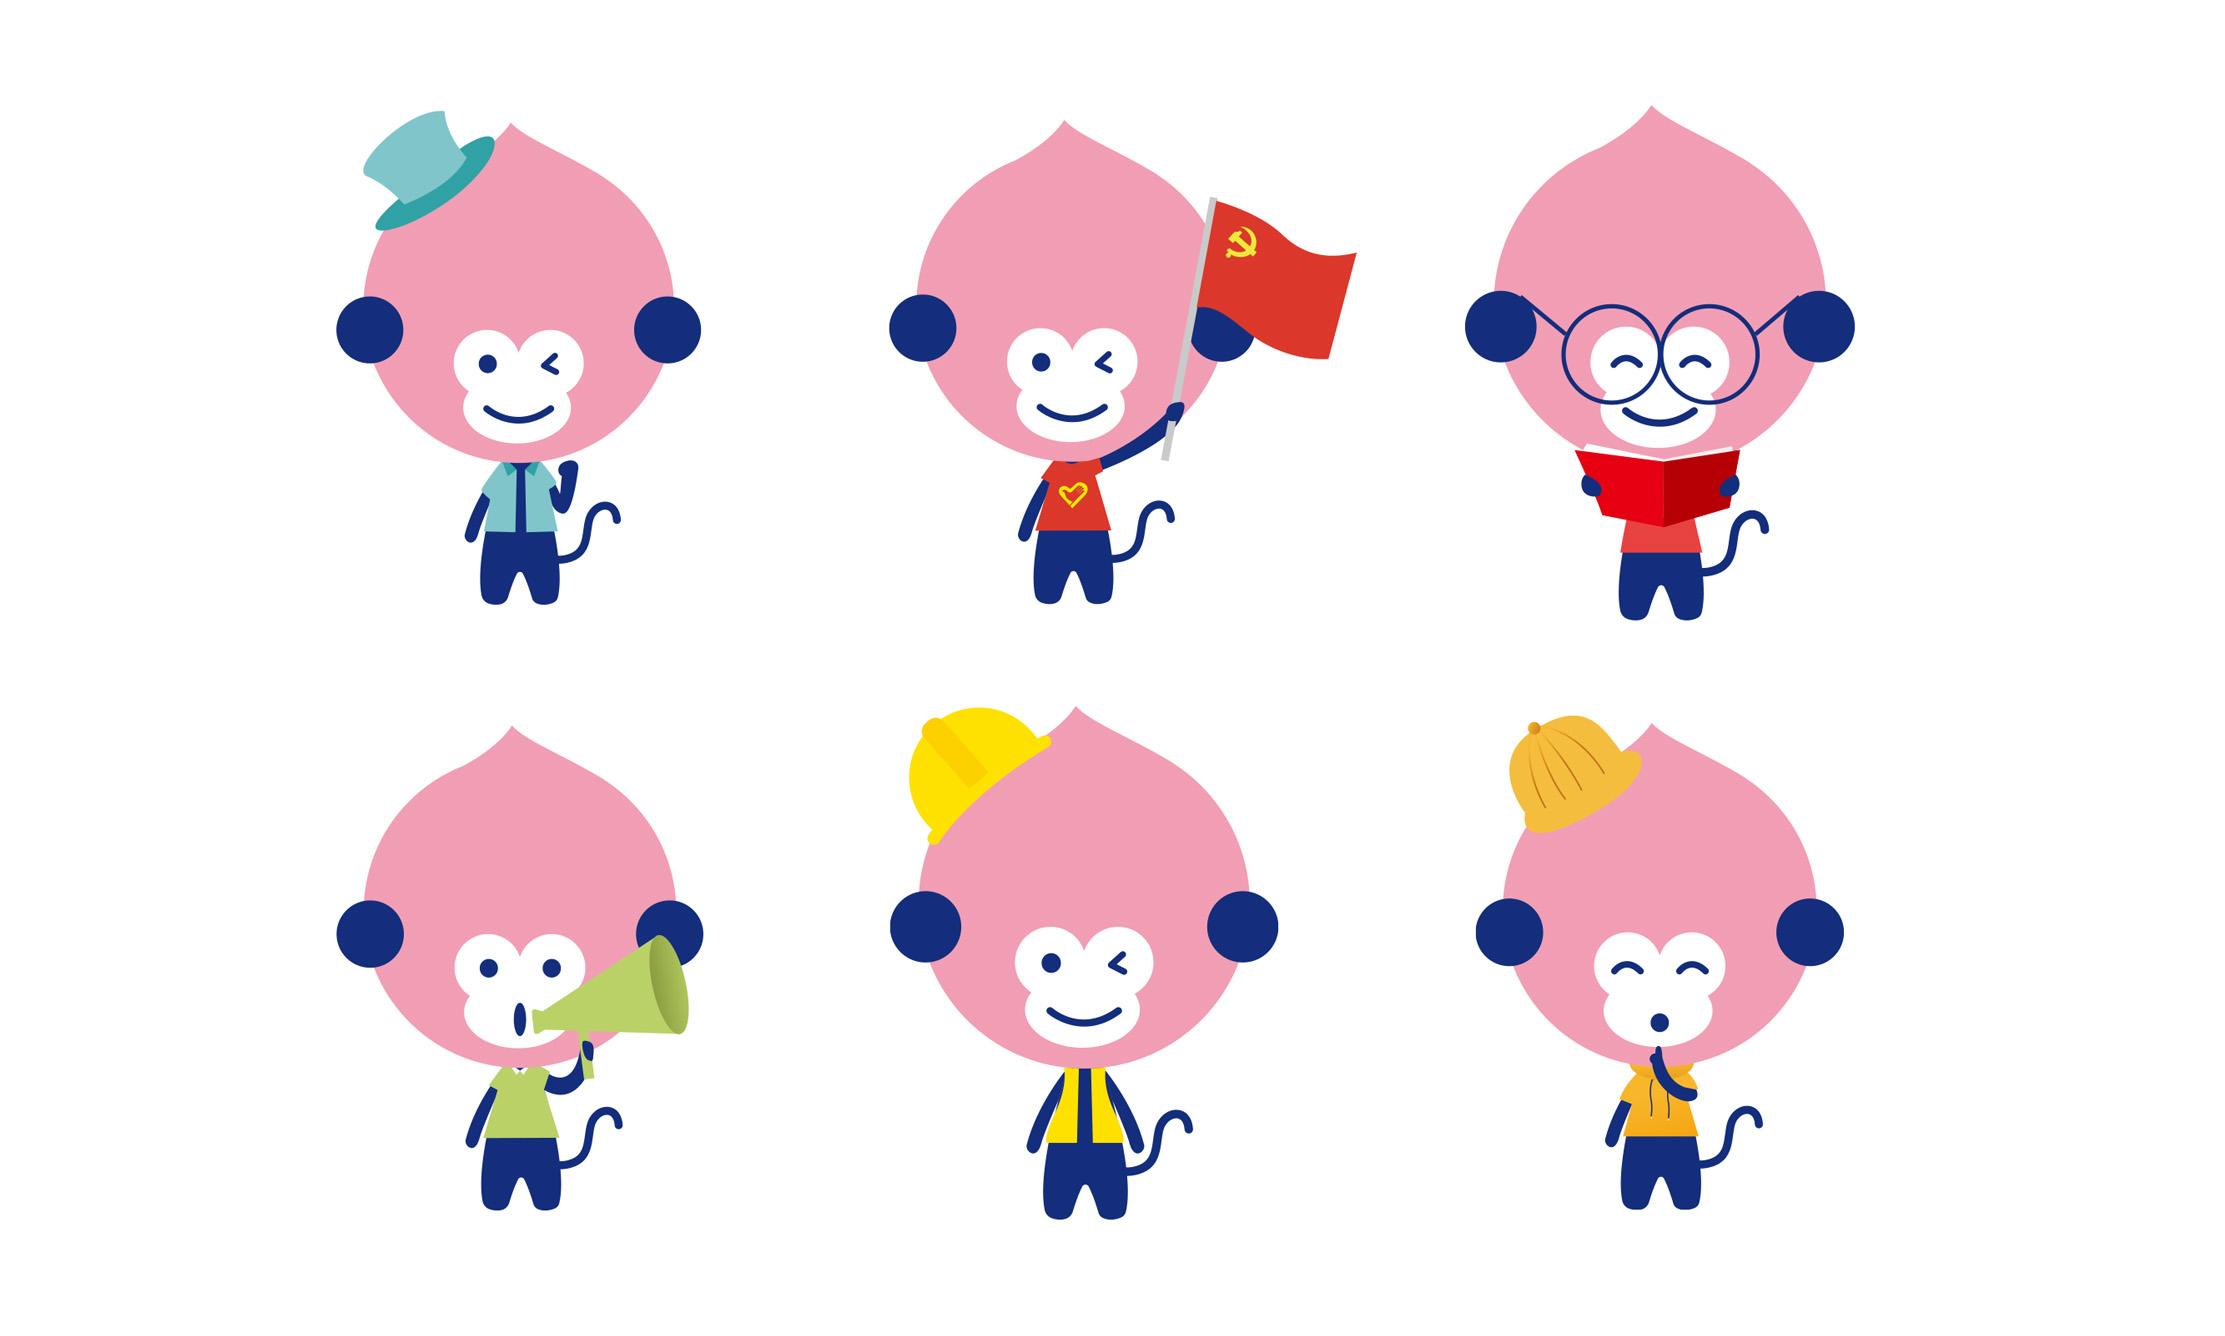 仙桃社区品牌形象打造方案20200824